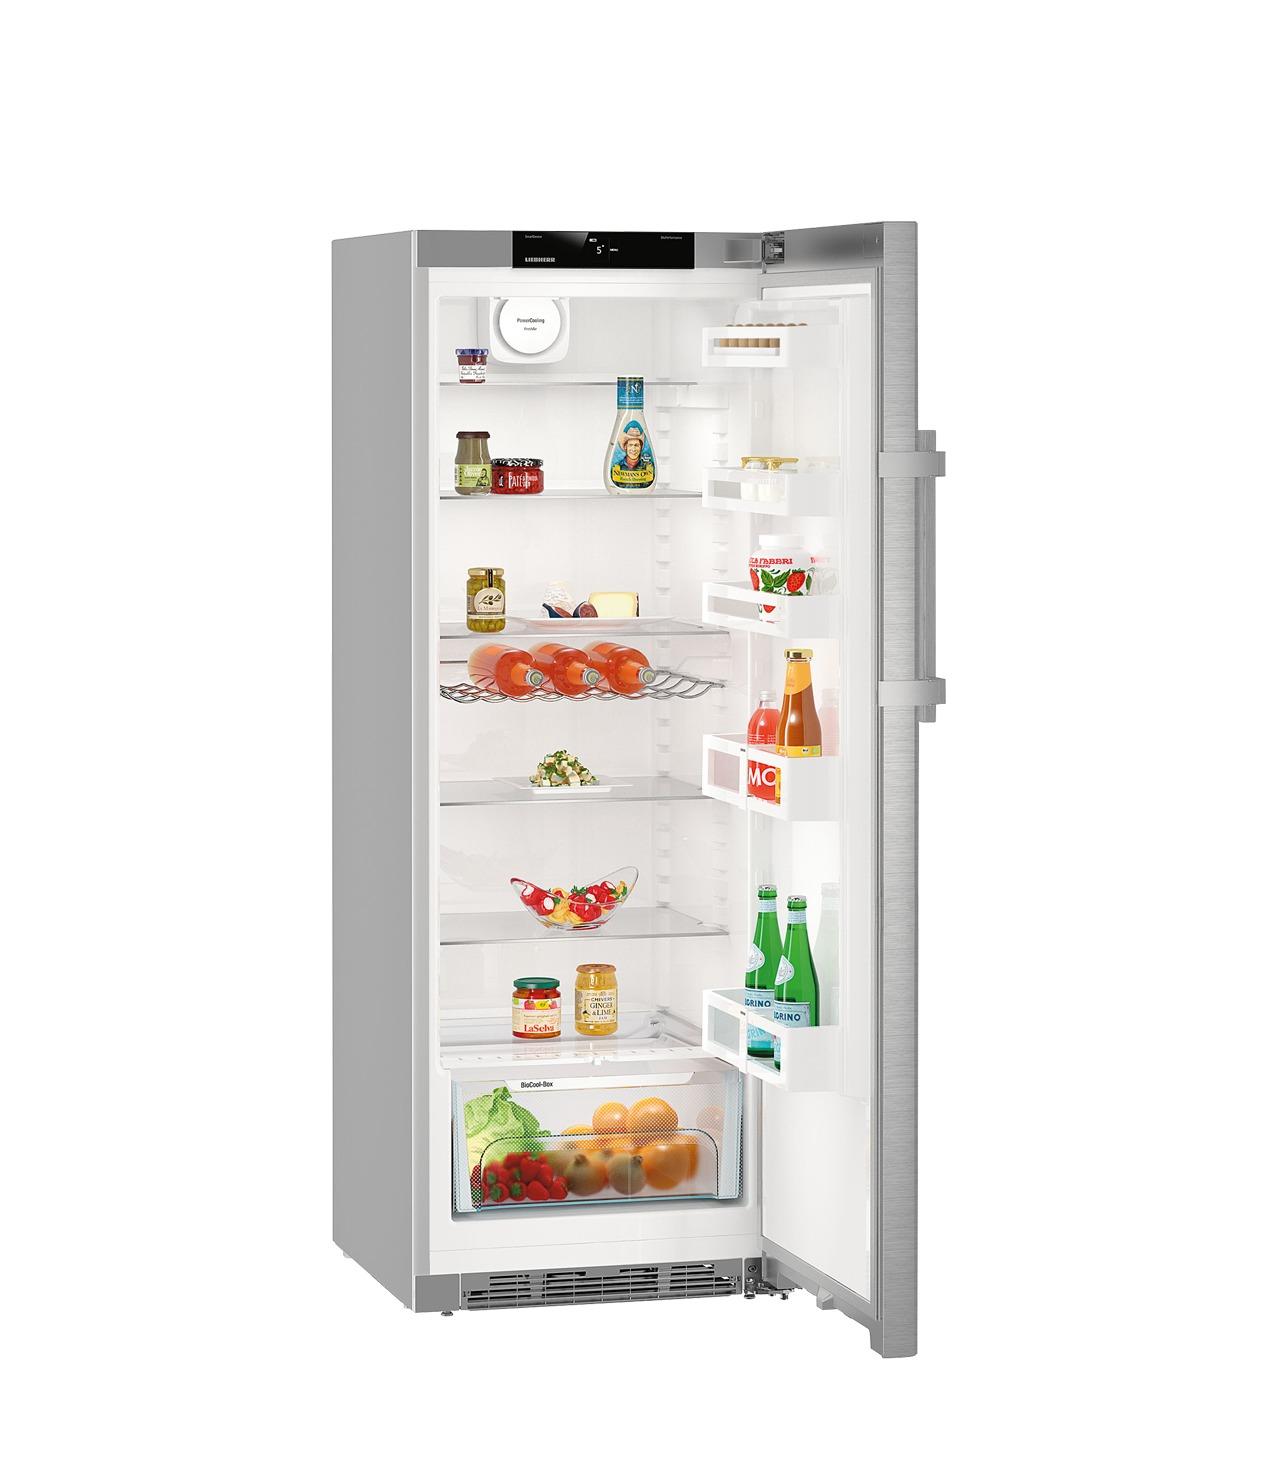 Liebherr Kef 3730-20 koelkast zonder vriesvak